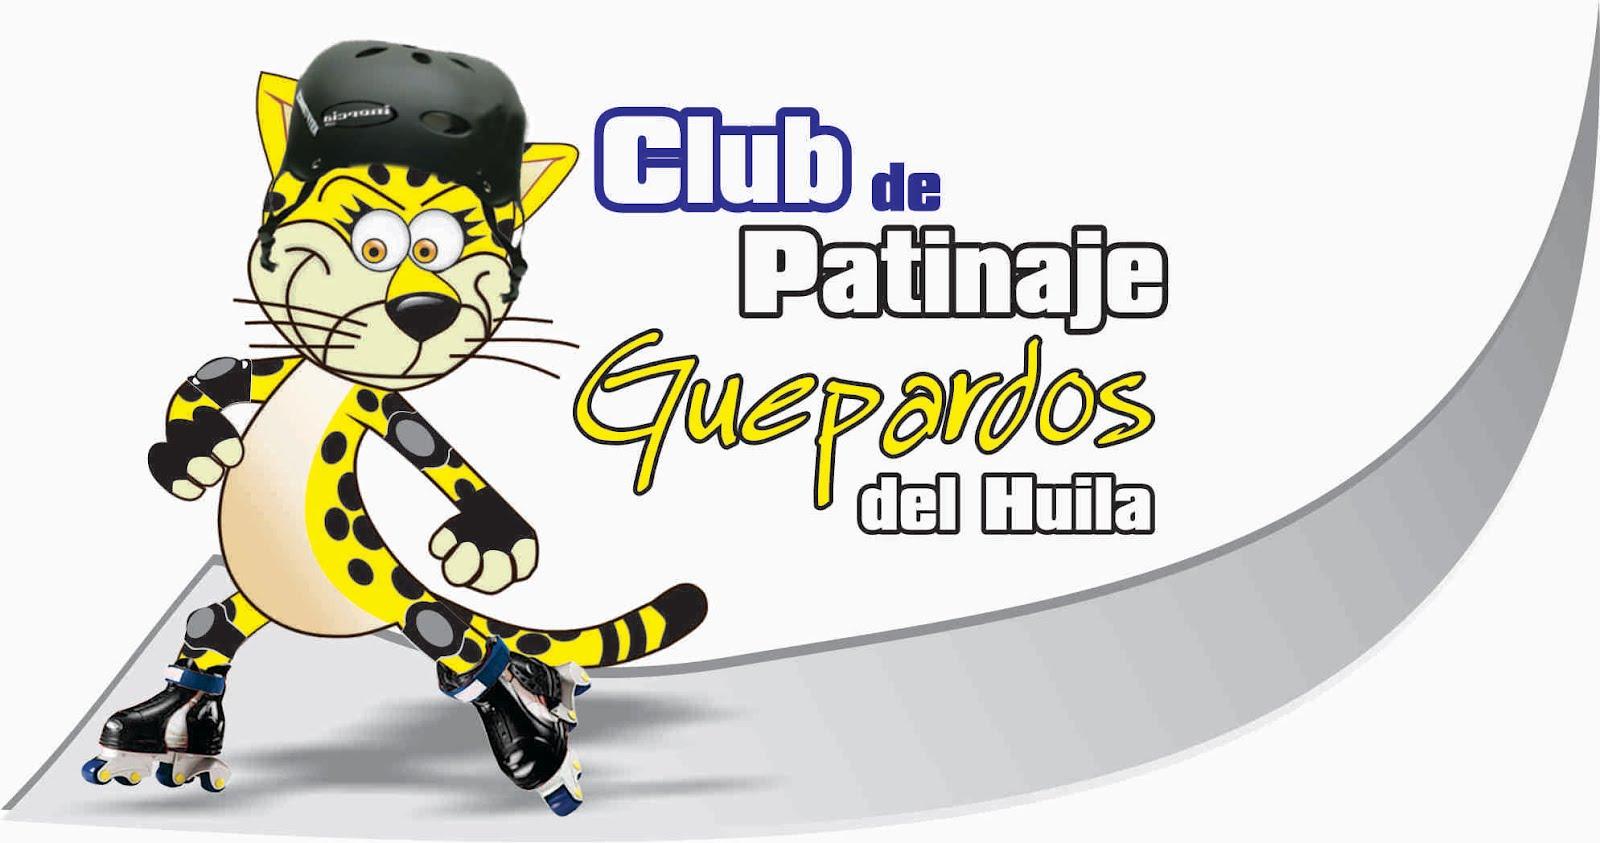 CLUB DE PATINAJE GUEPARDOS DEL HUILA